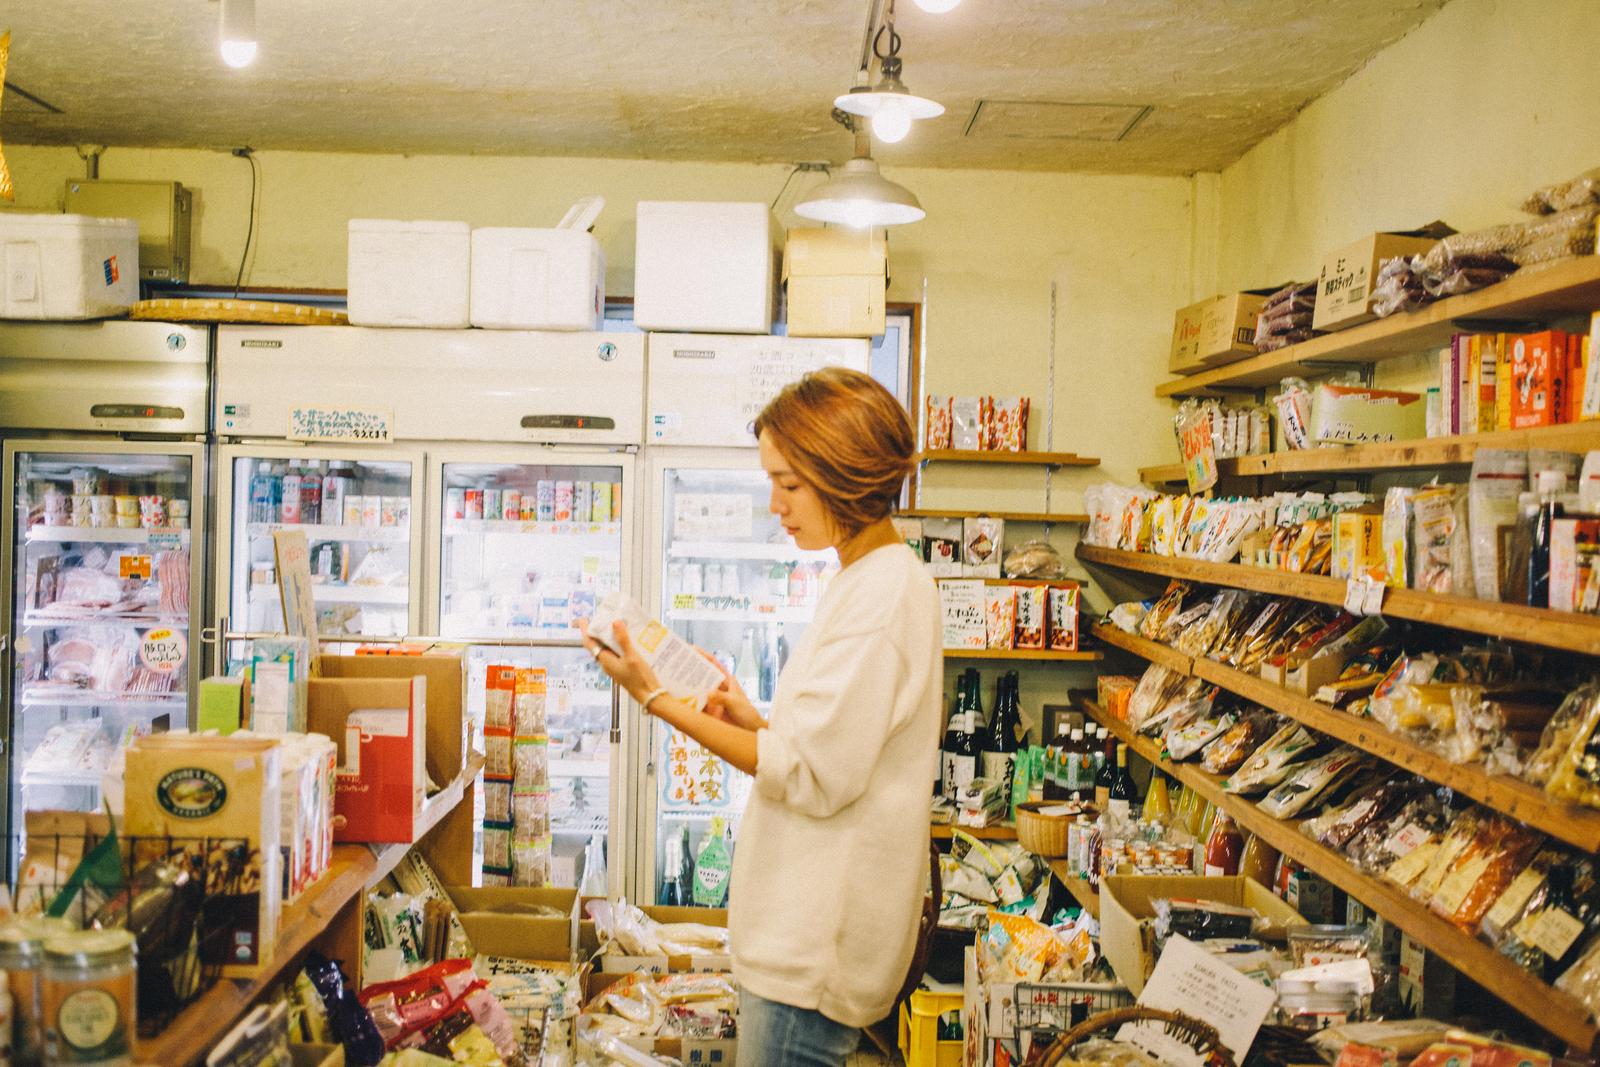 オーガニックフードショップ GAIA 代々木上原店 店内で商品を選ぶ和田明日香さん